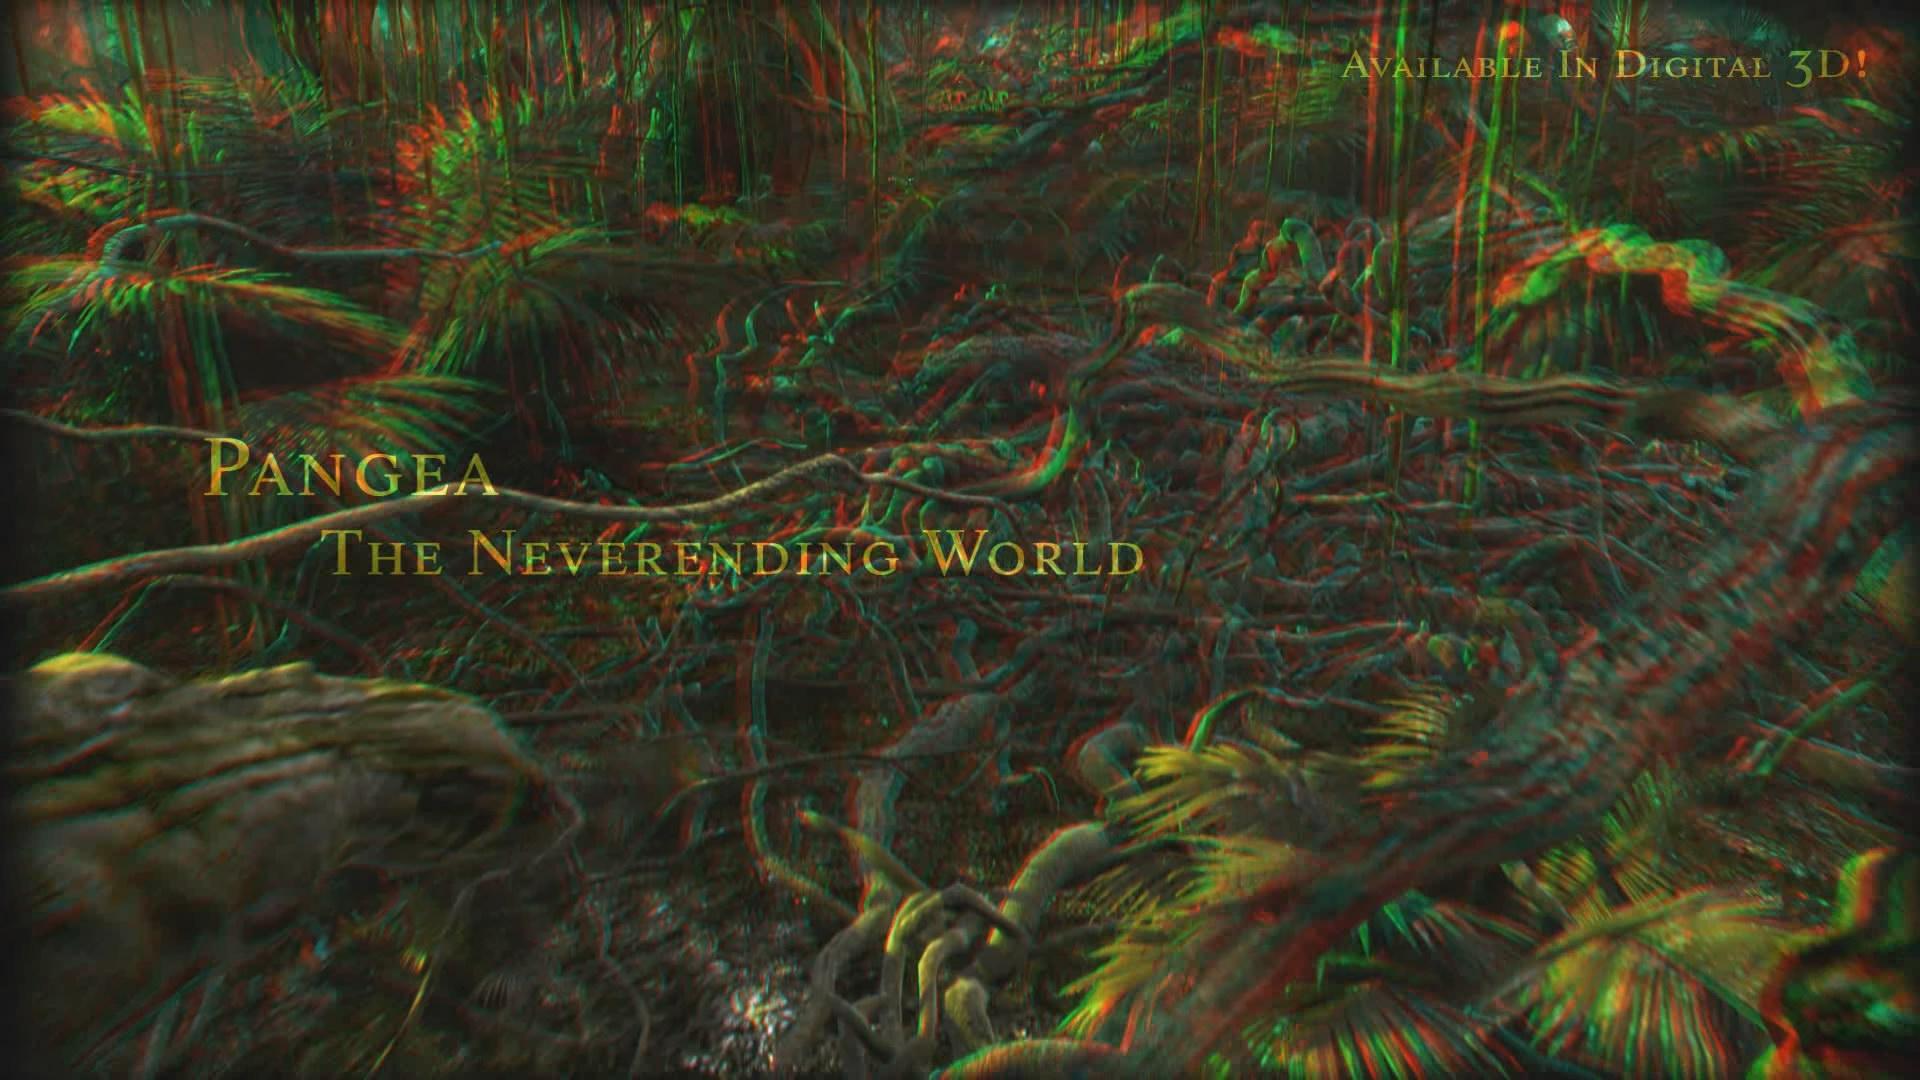 pangea the neverending world movie screenshot